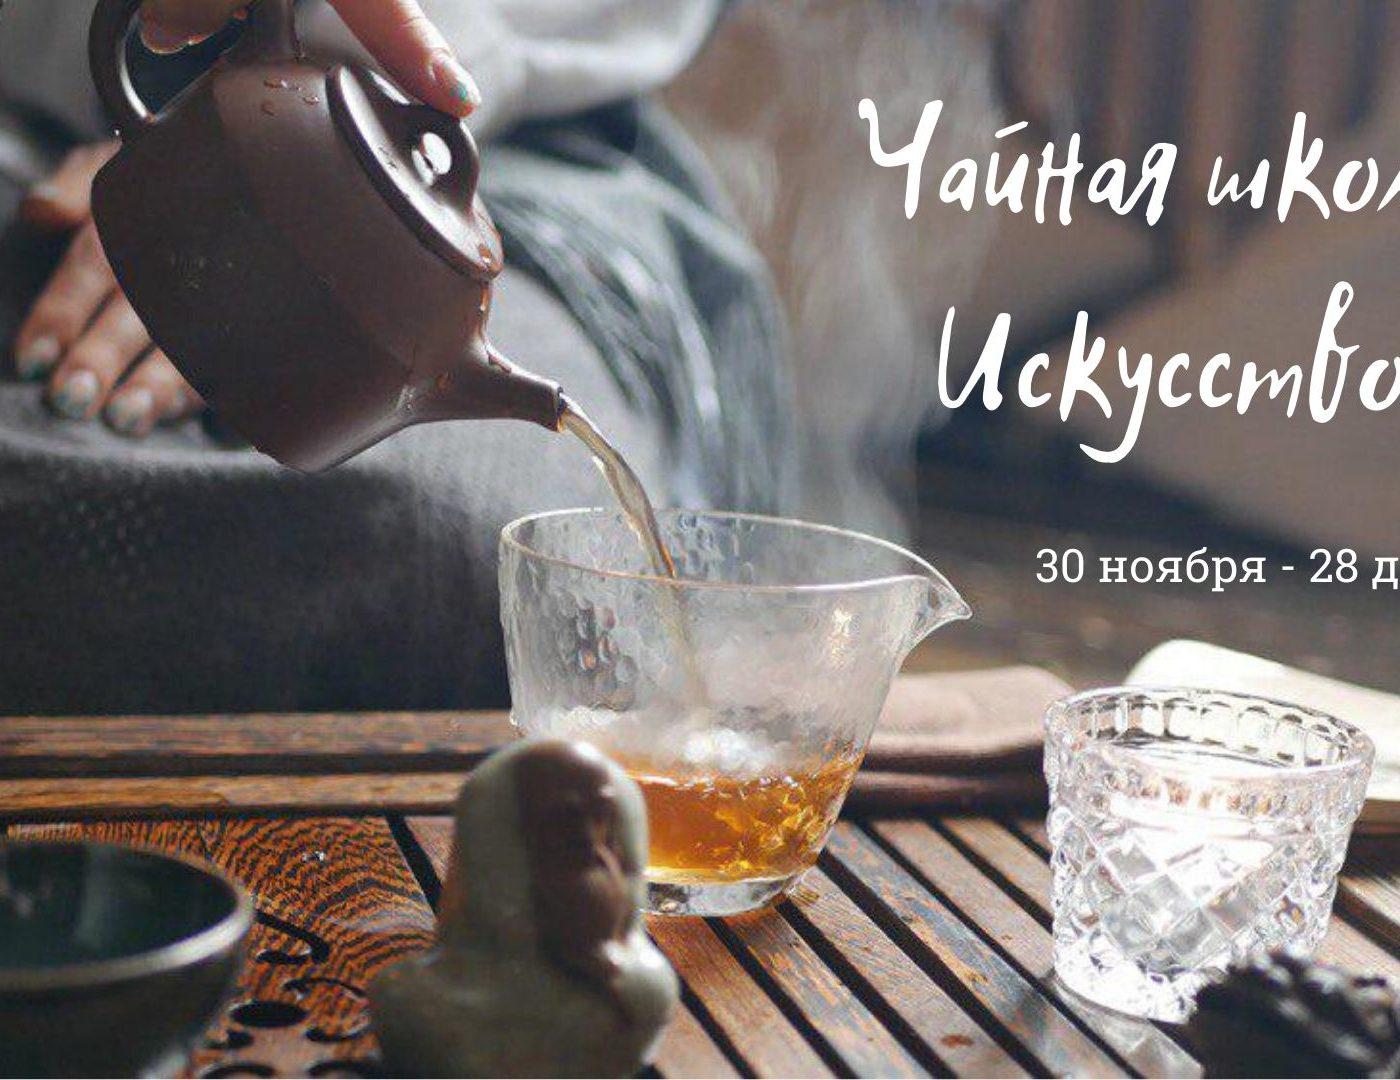 """Чайная школа """"Искусство"""""""